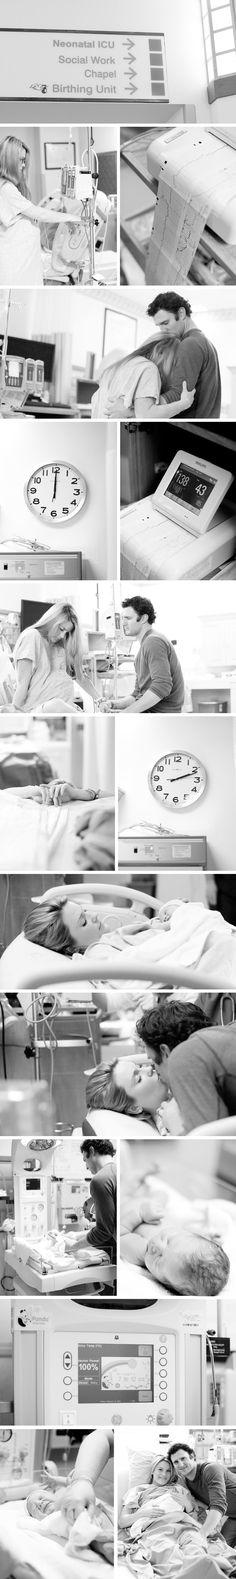 Hospital Birth Photo Shoot